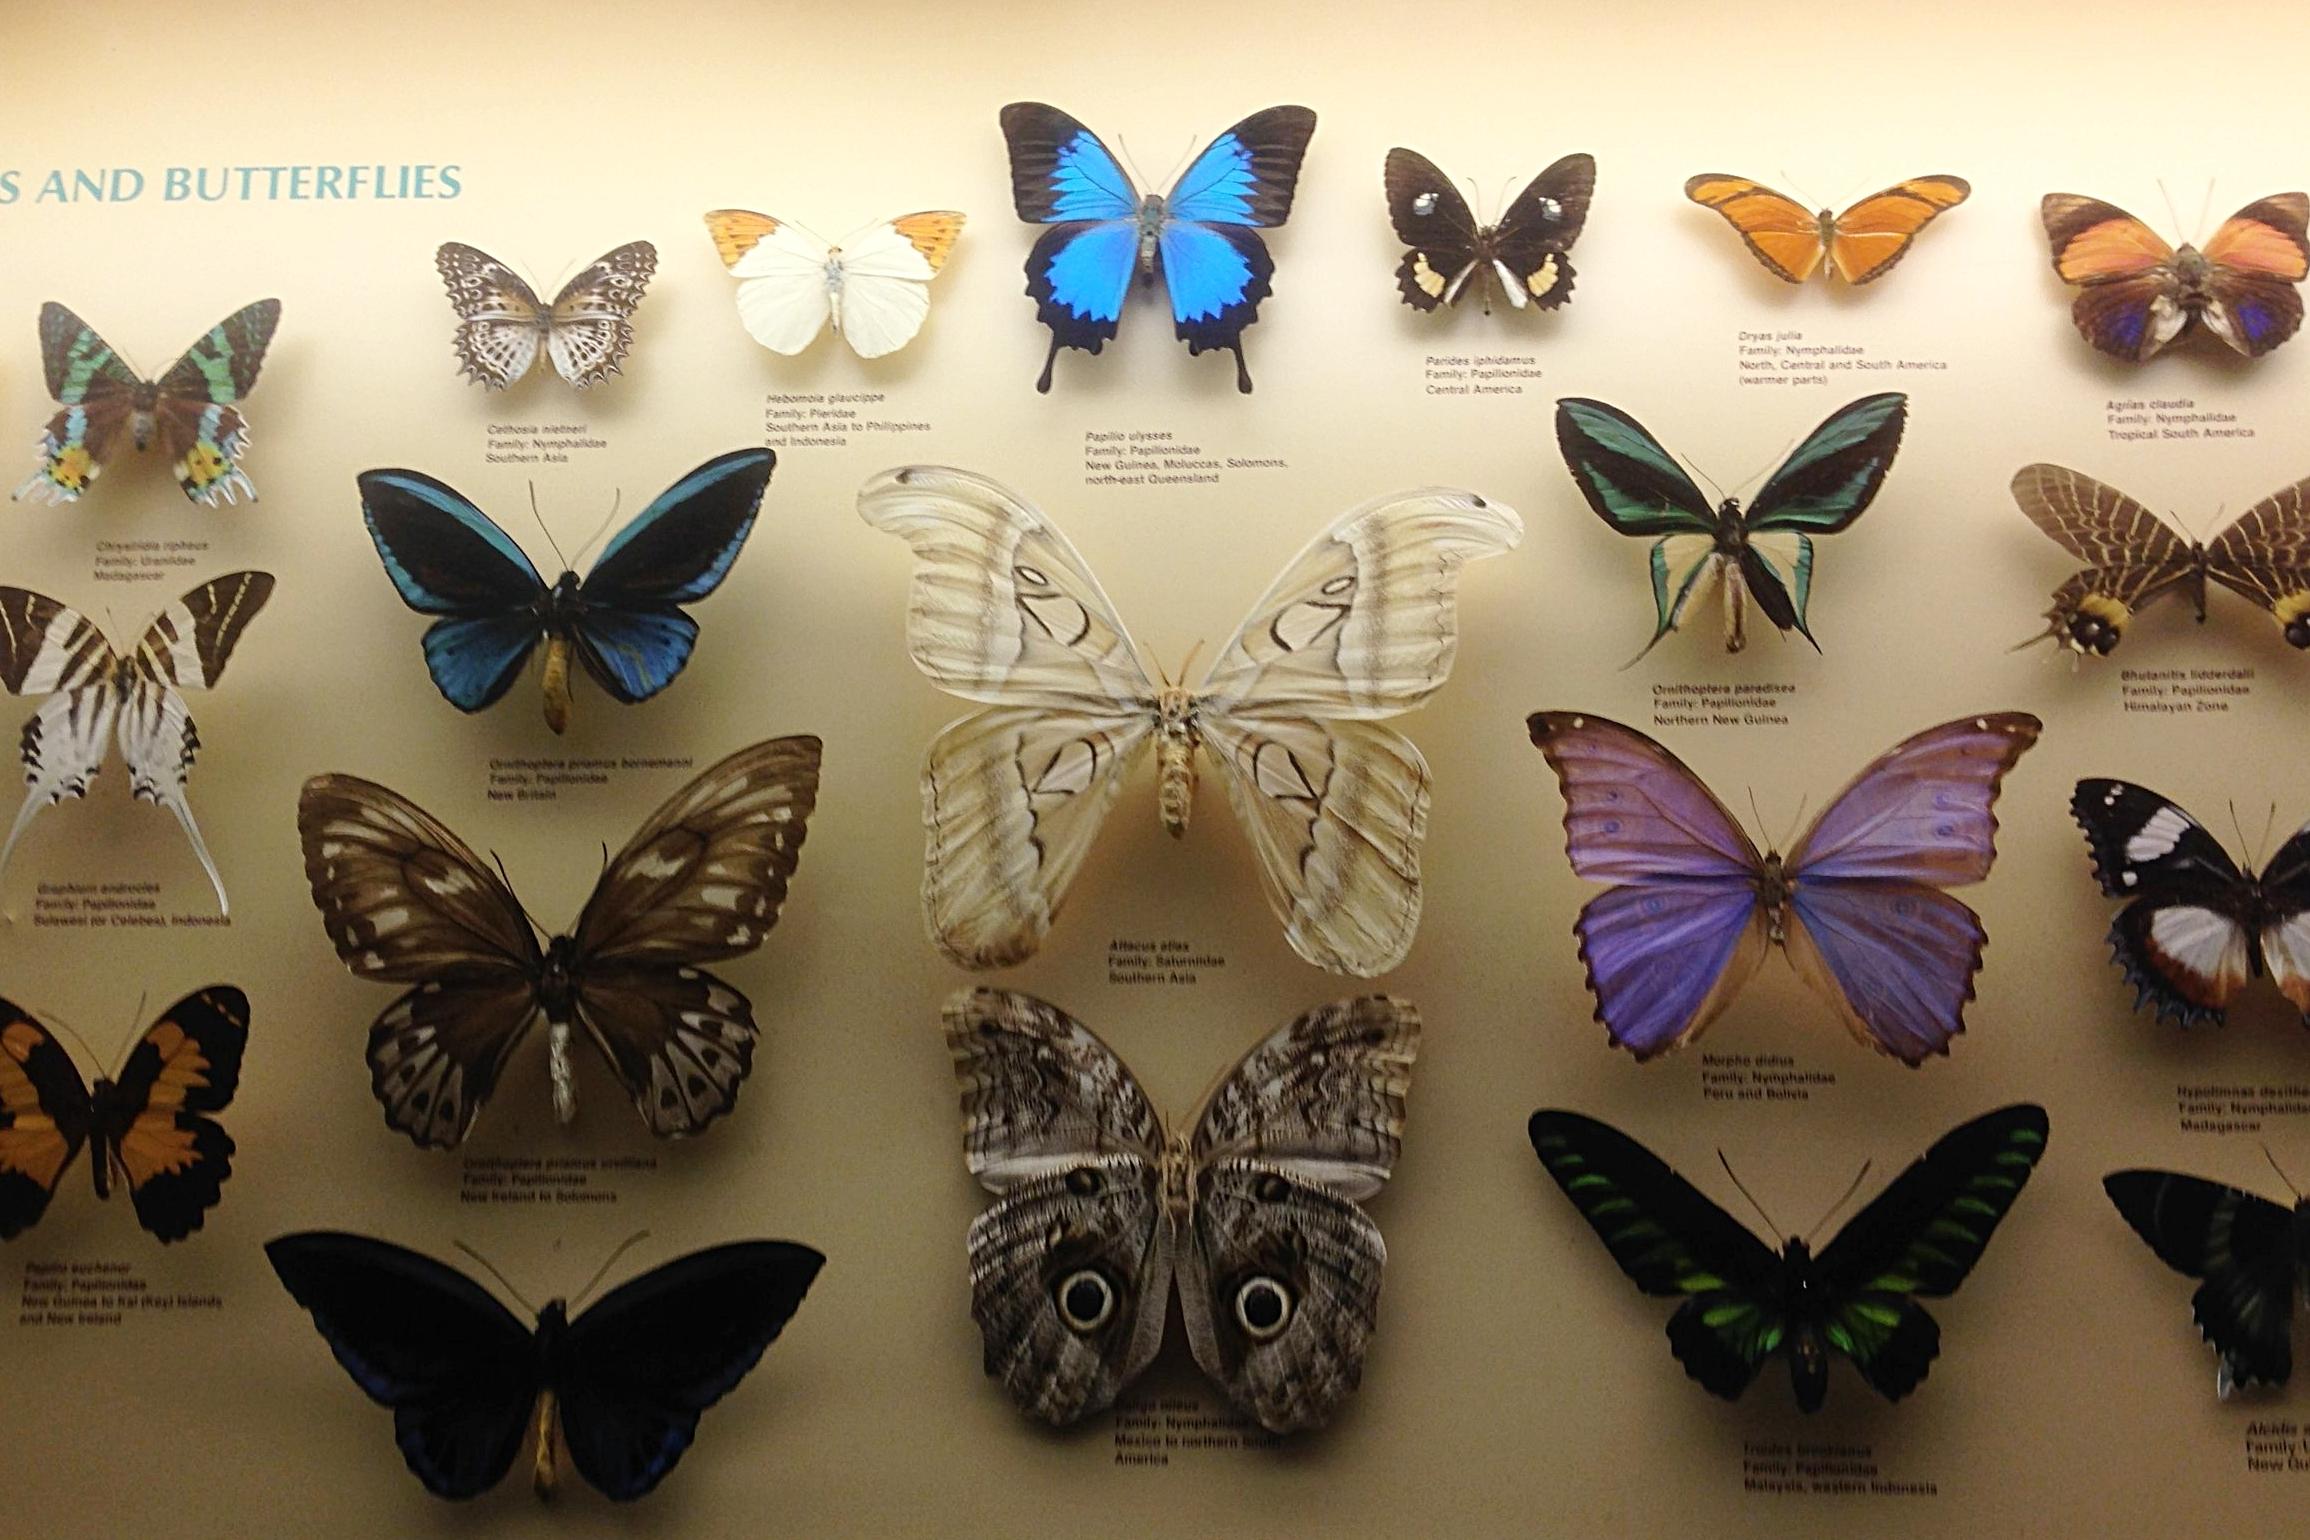 australianmuseum4.jpg